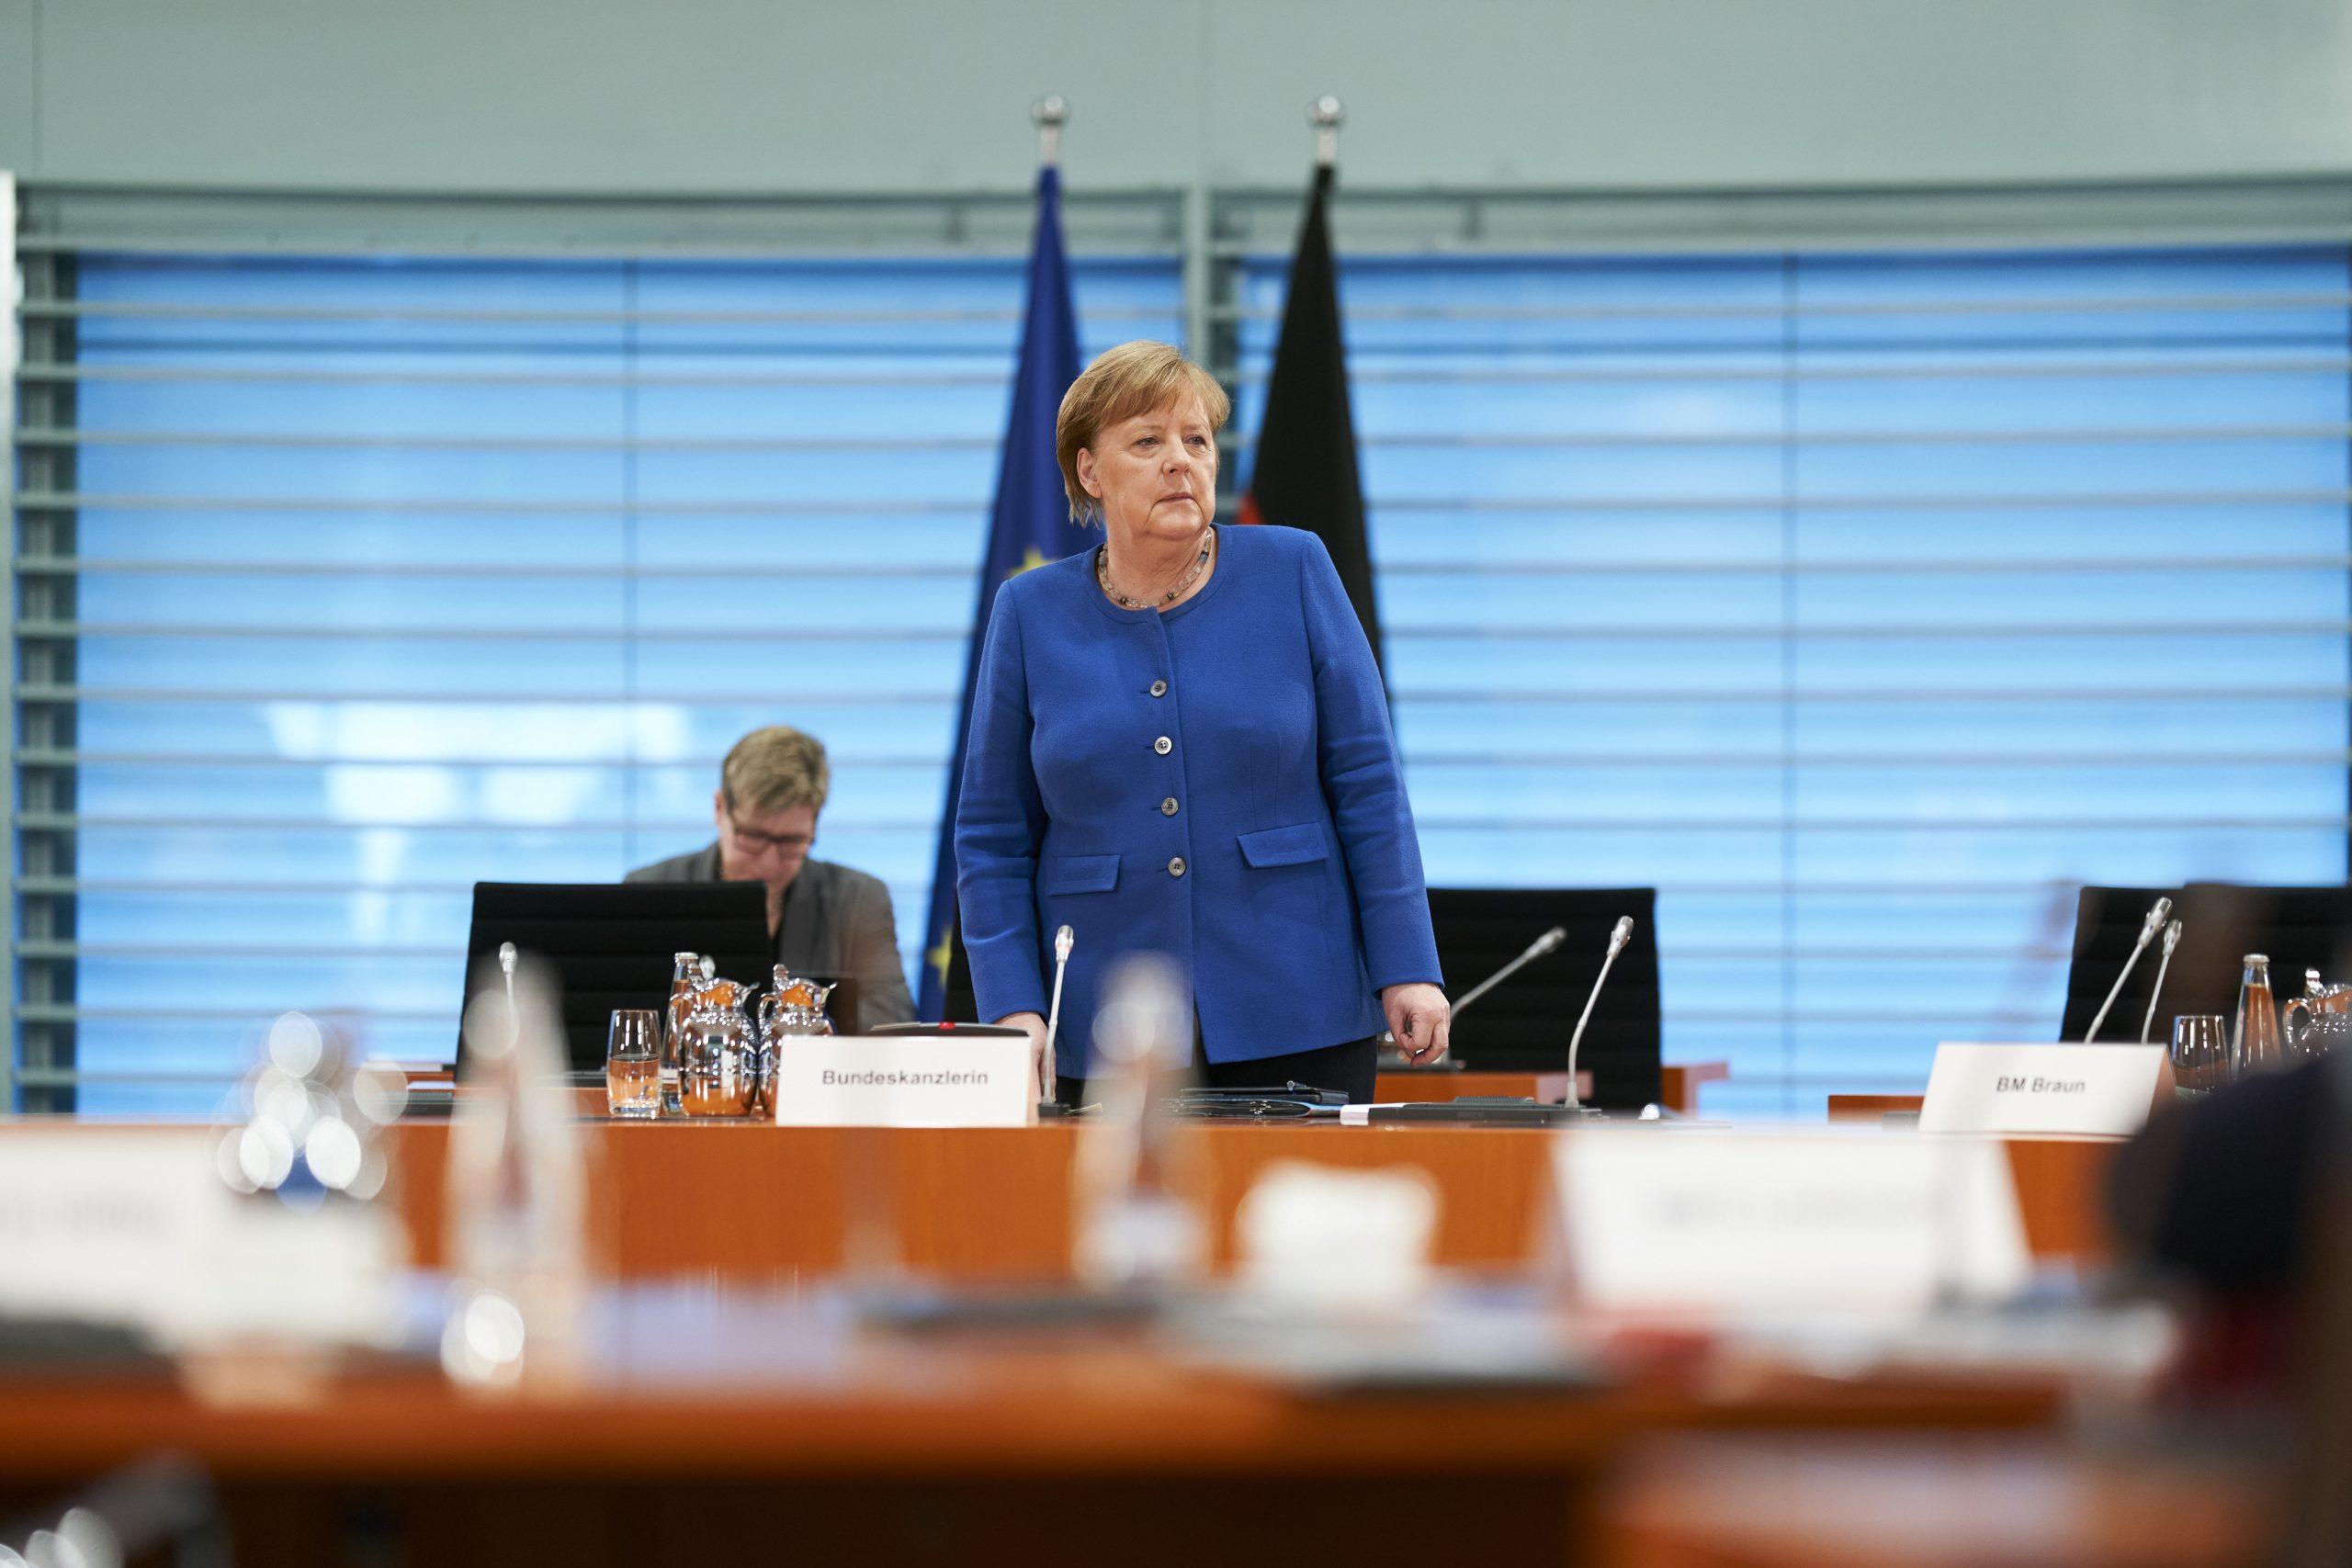 Bund-Länder-Treffen am Montag wird anscheinend keine Veränderungen bei Lockdown bringen